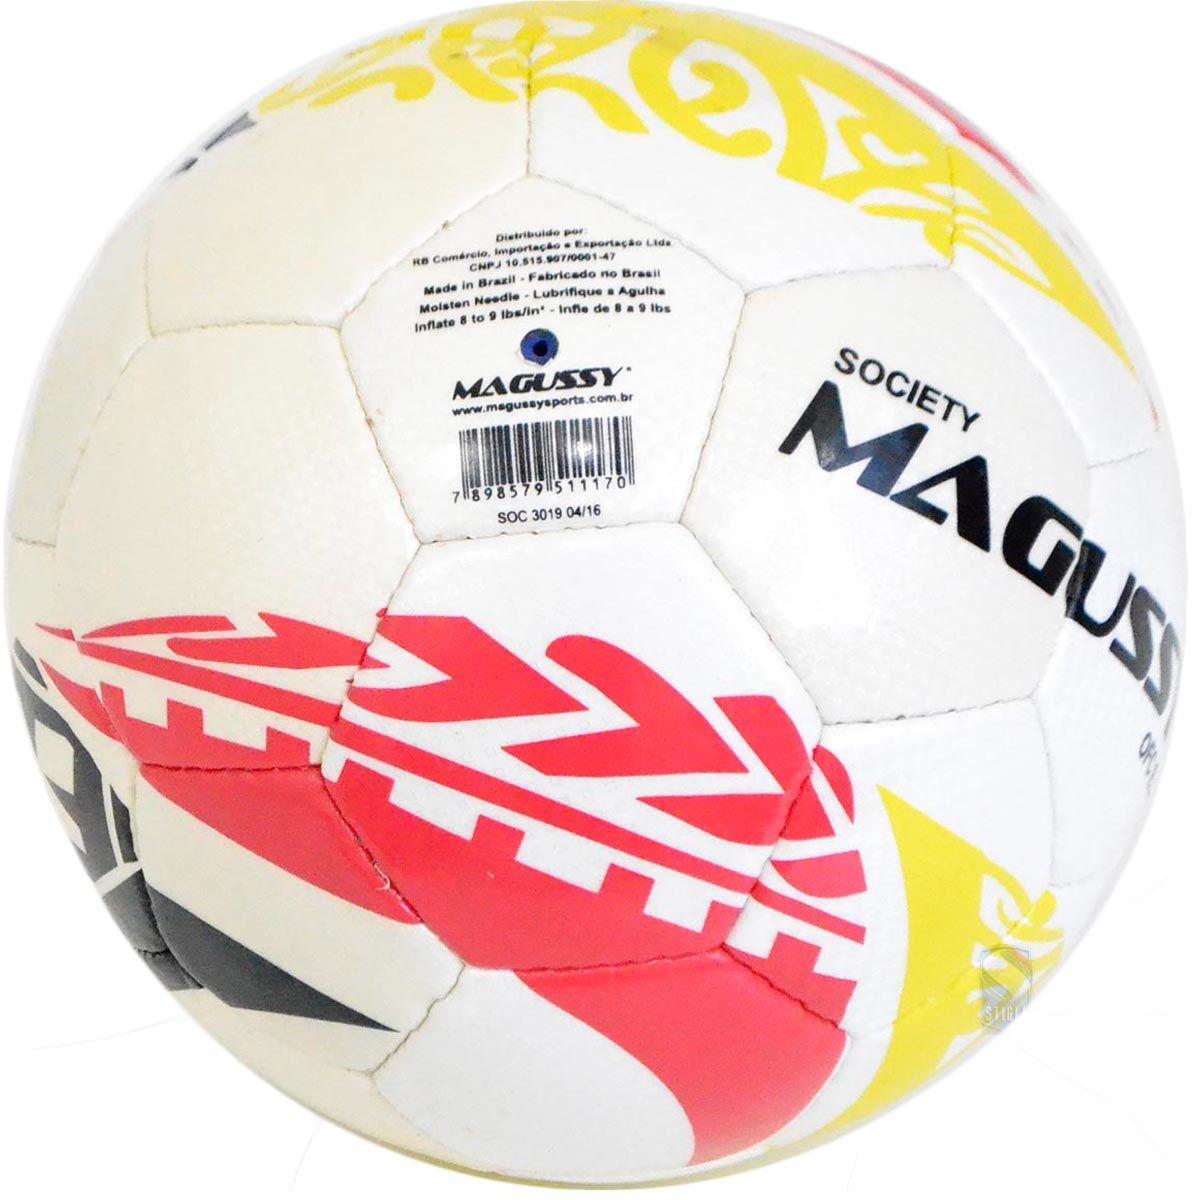 bola de futebol society magussy microfibra costura mão c  nf. Carregando  zoom. fcca93403ea3e